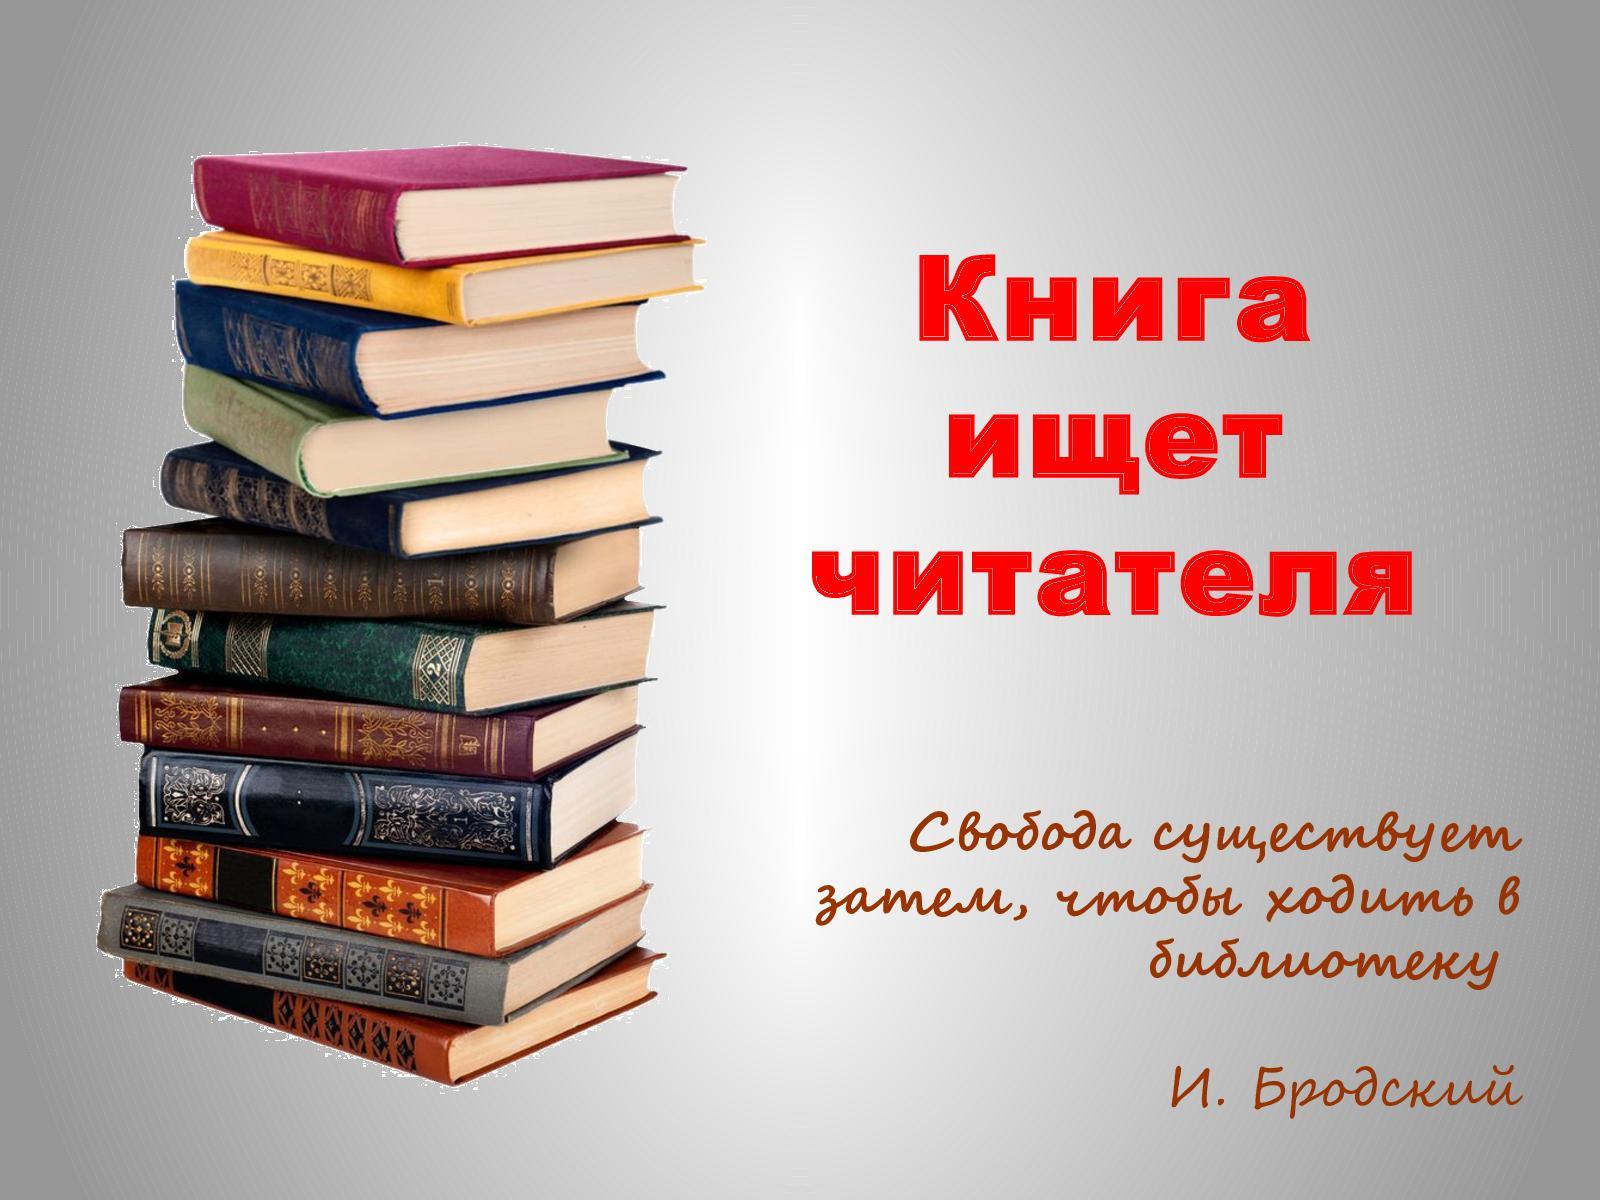 Любимые книги наших читателей картинки